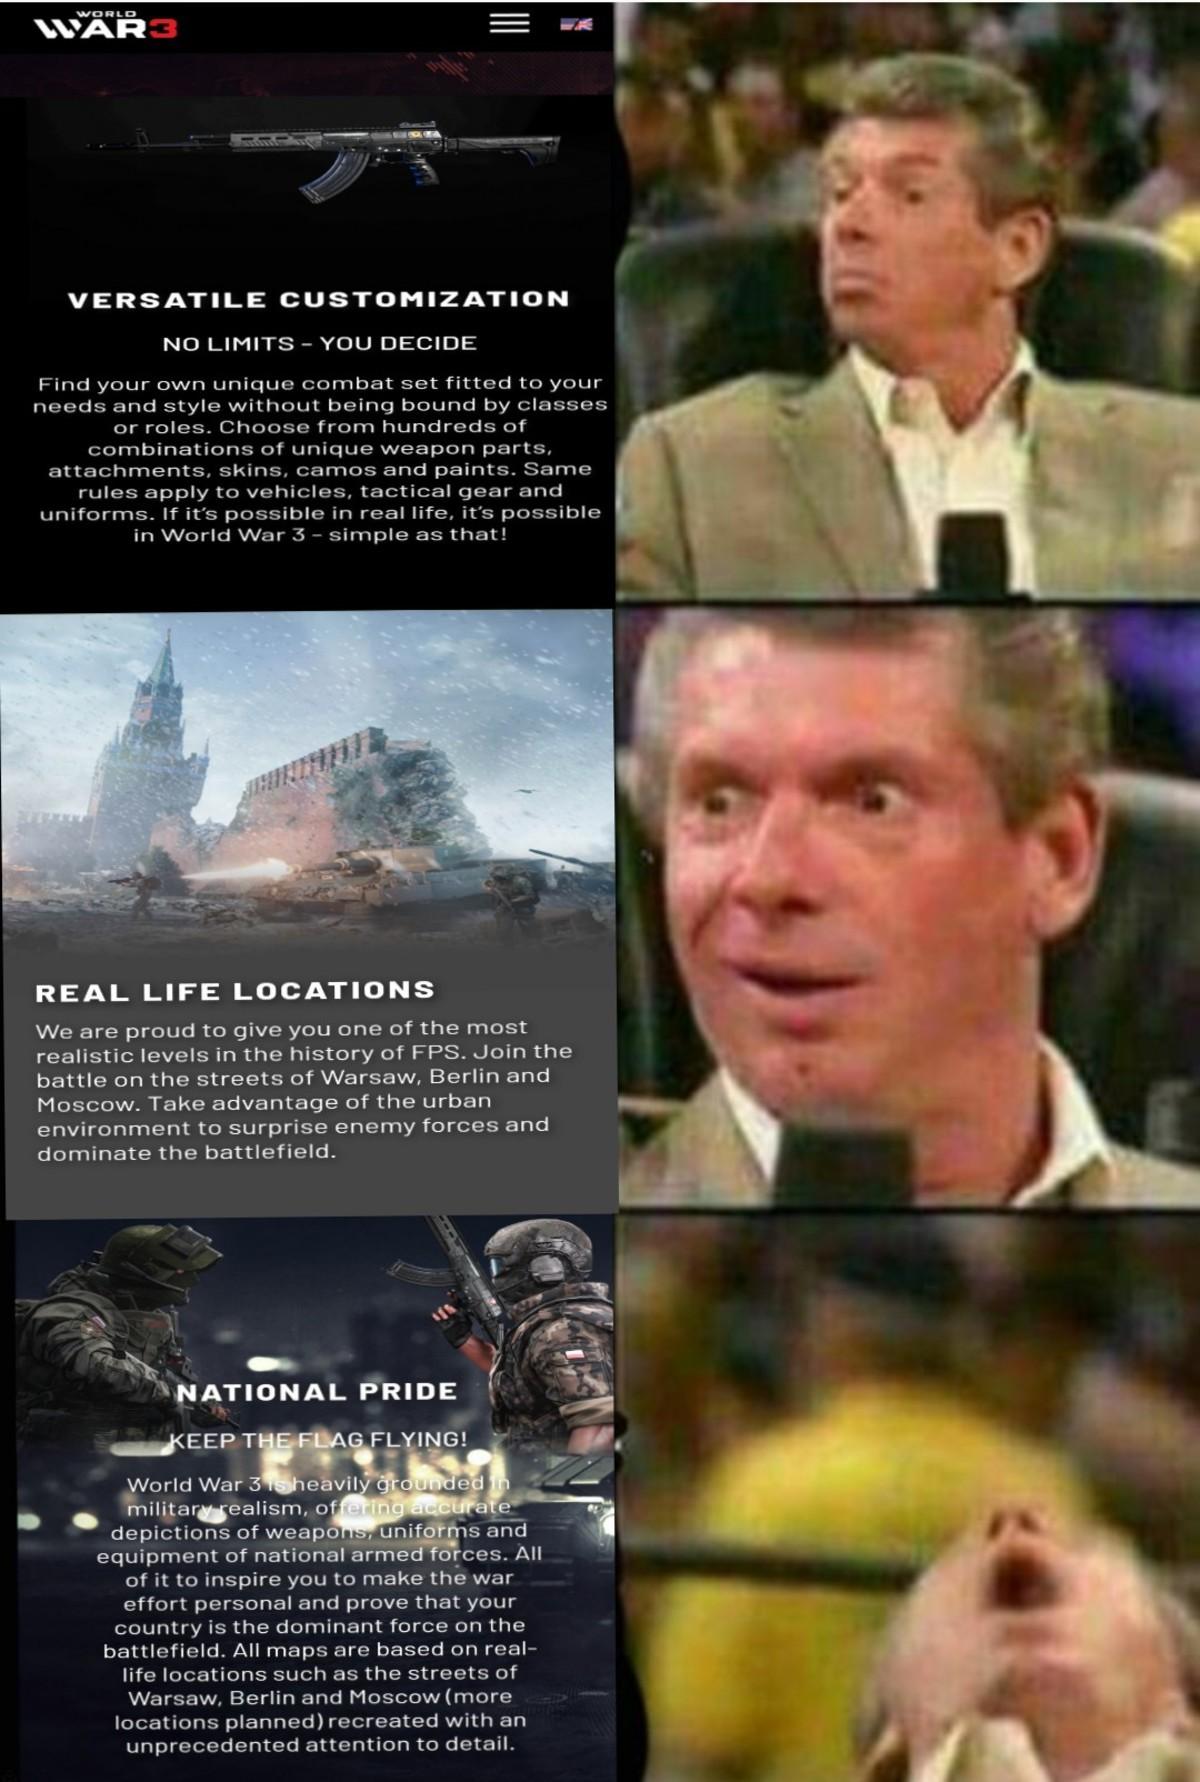 World war 3 plz be good